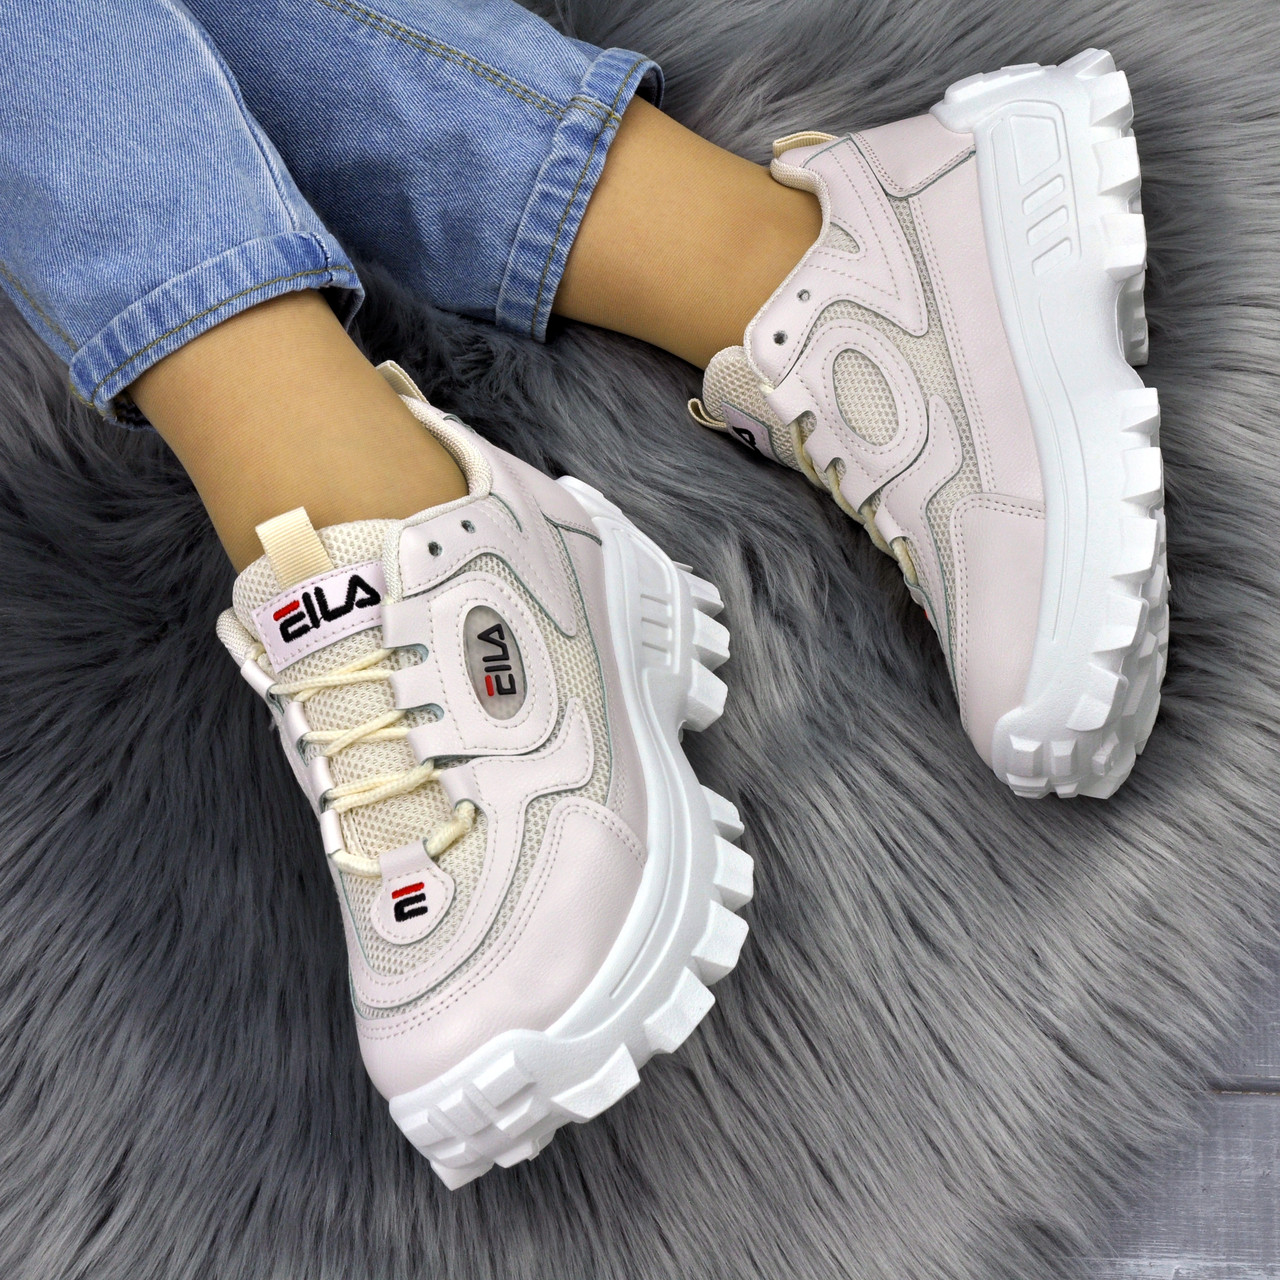 Женские бежевые кроссовки на высокой подошве